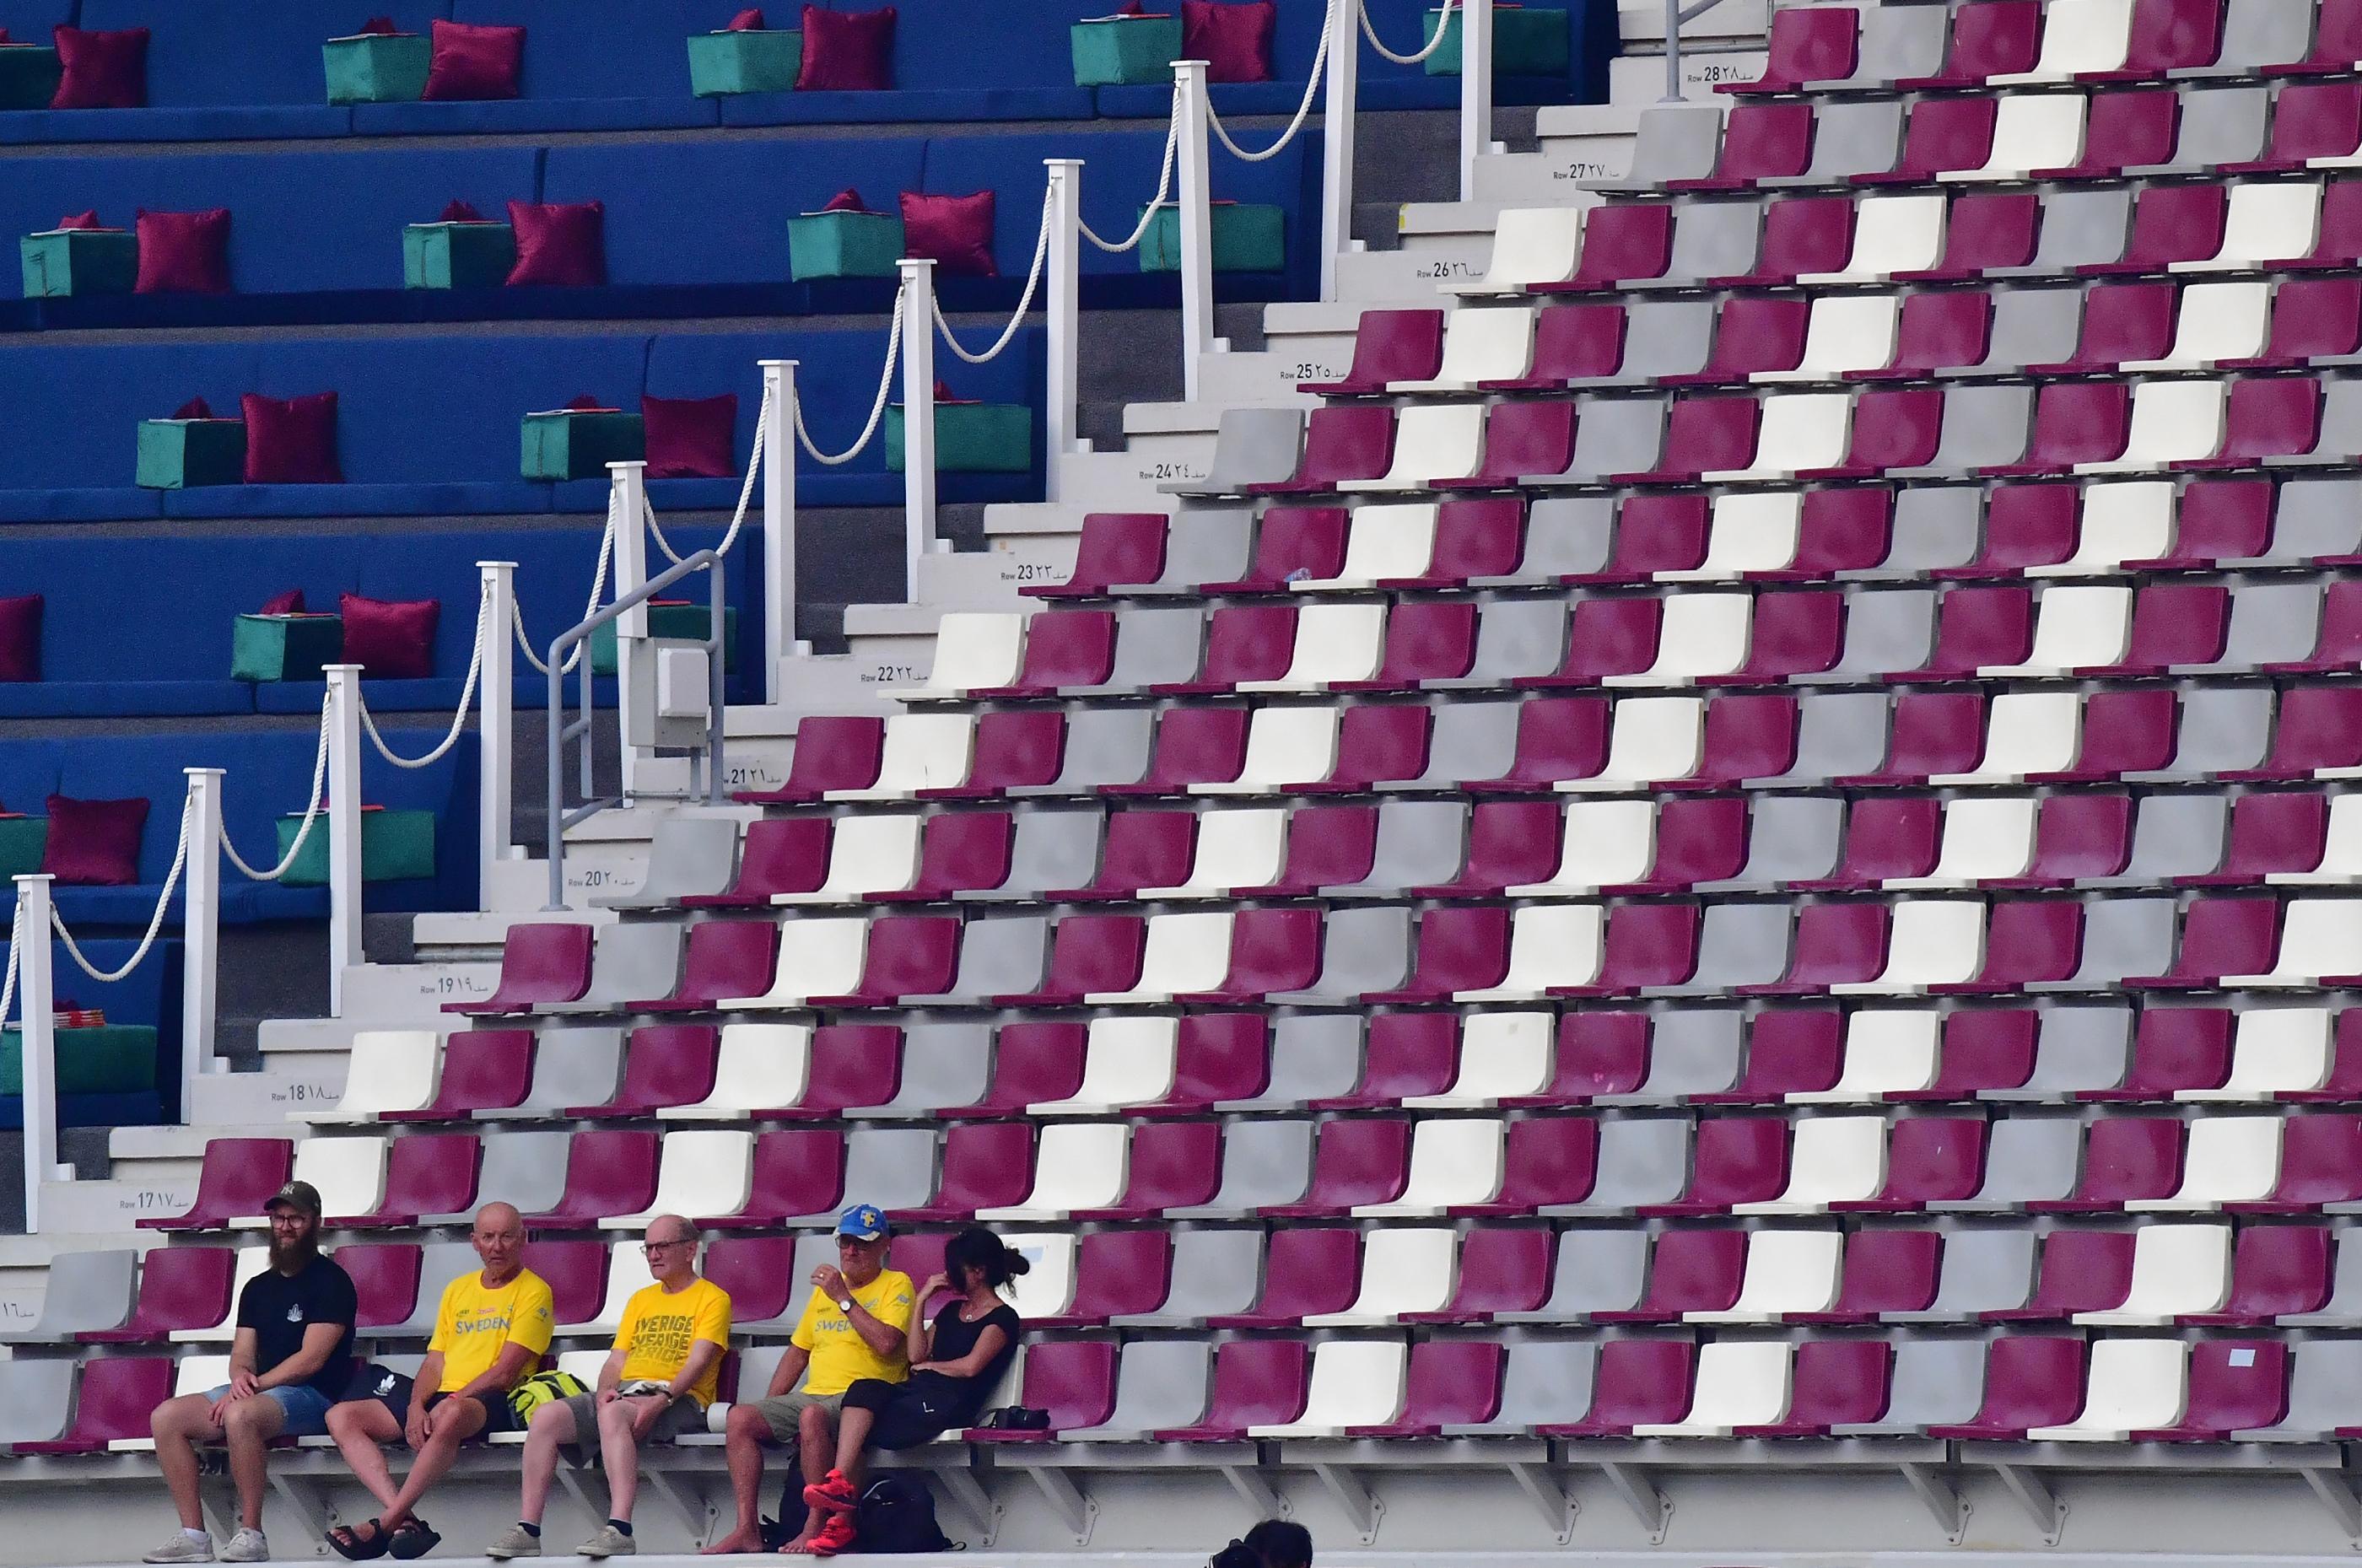 Esta situación enciende la alarma para el Mundial de Fútbol 2022, que también se celebrará en Qatar